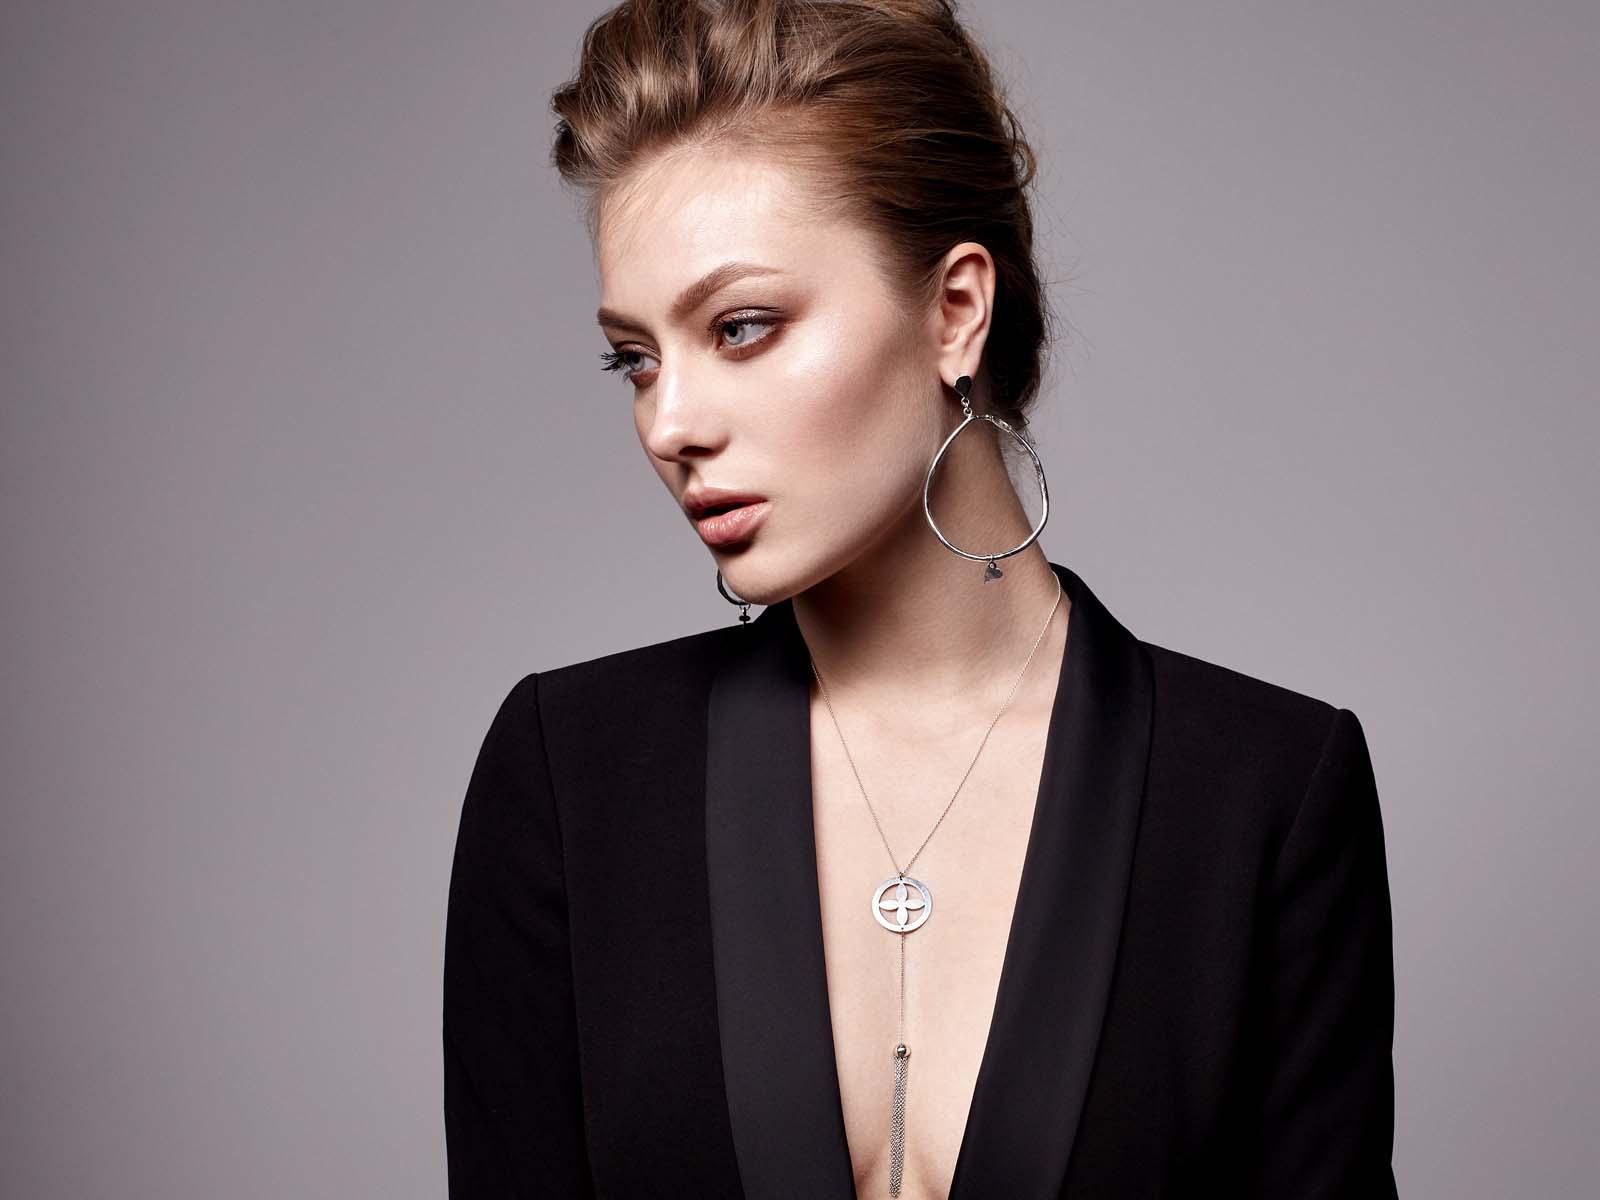 Descoperă de #MMC: Andreea Mogoșanu de la MOOGU și puterea de expresie care stă într-o bijuterie